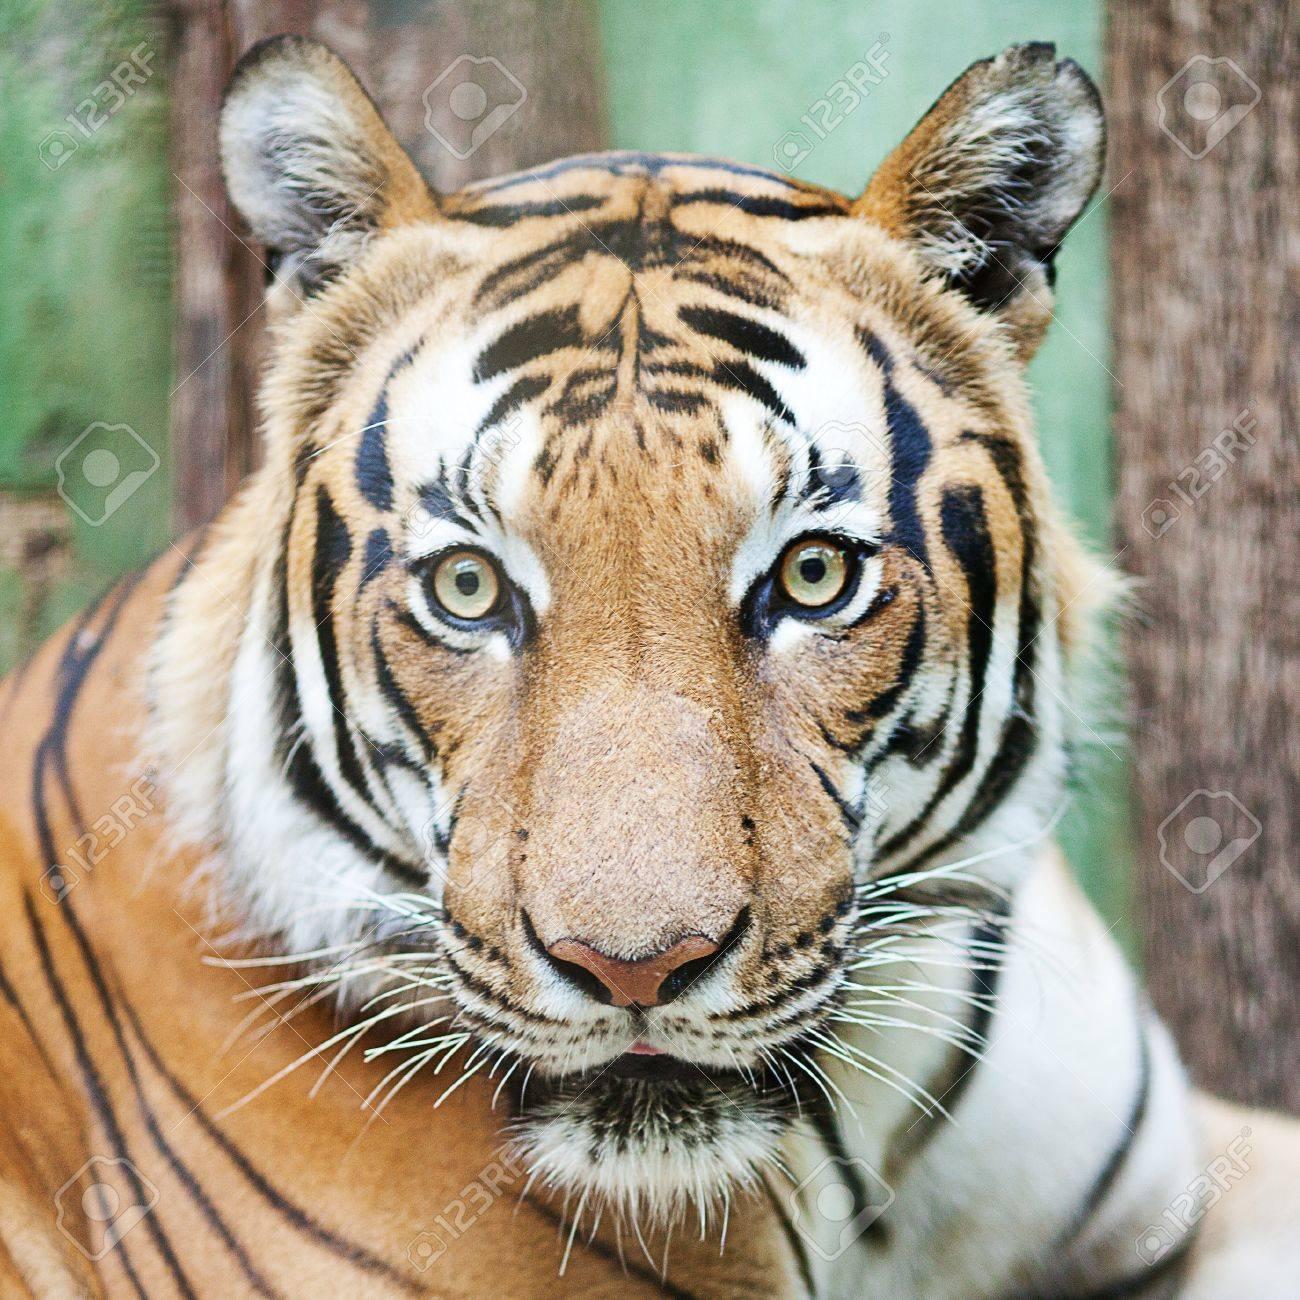 beautiful big tiger in a zoo - 10617971